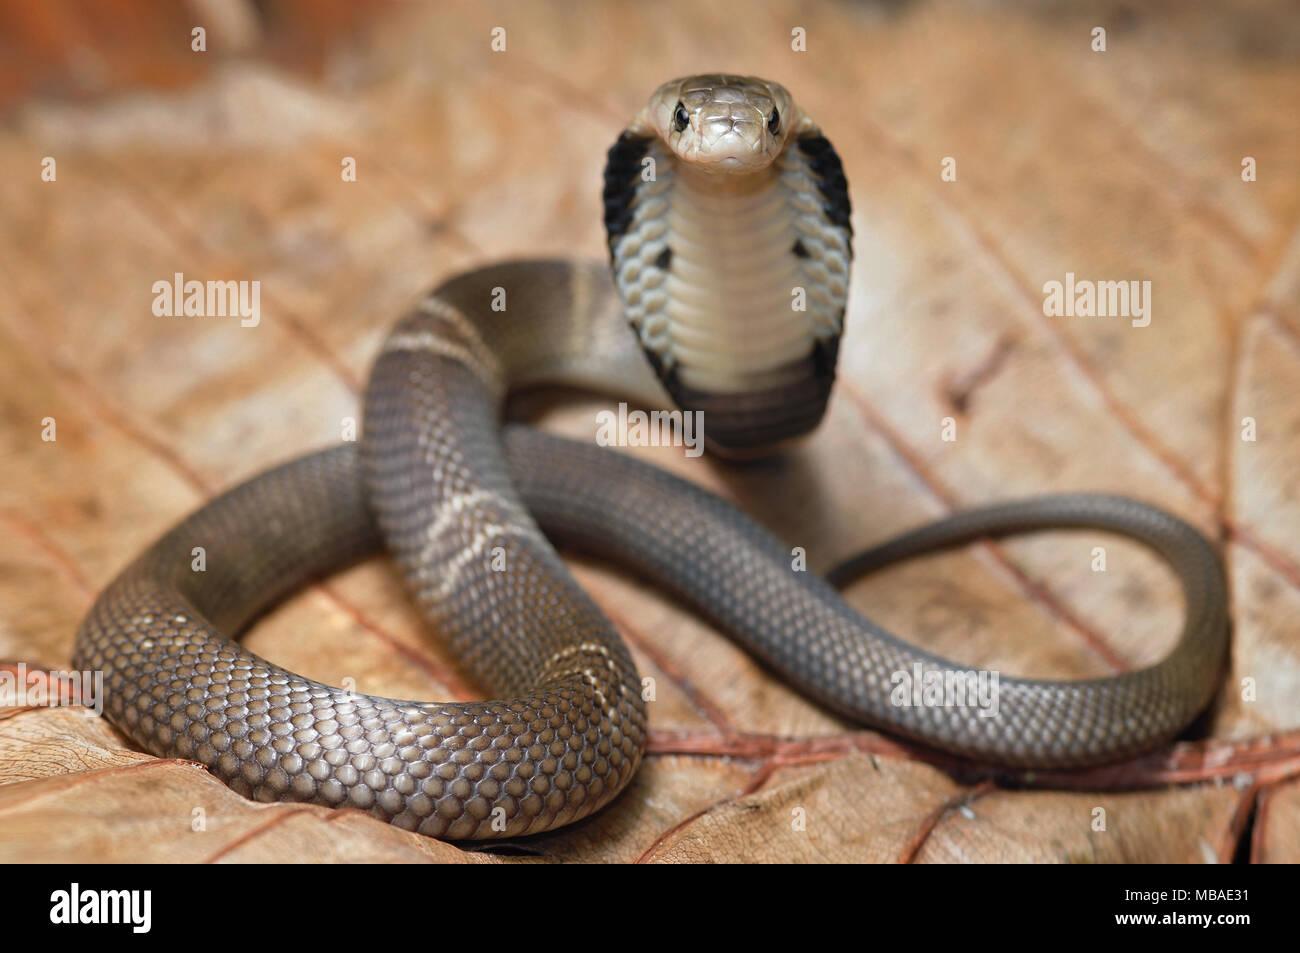 Monocled cobra Naja kaouthia Stock Photo: 179095477 - AlamyNaja Kaouthia Suphanensis